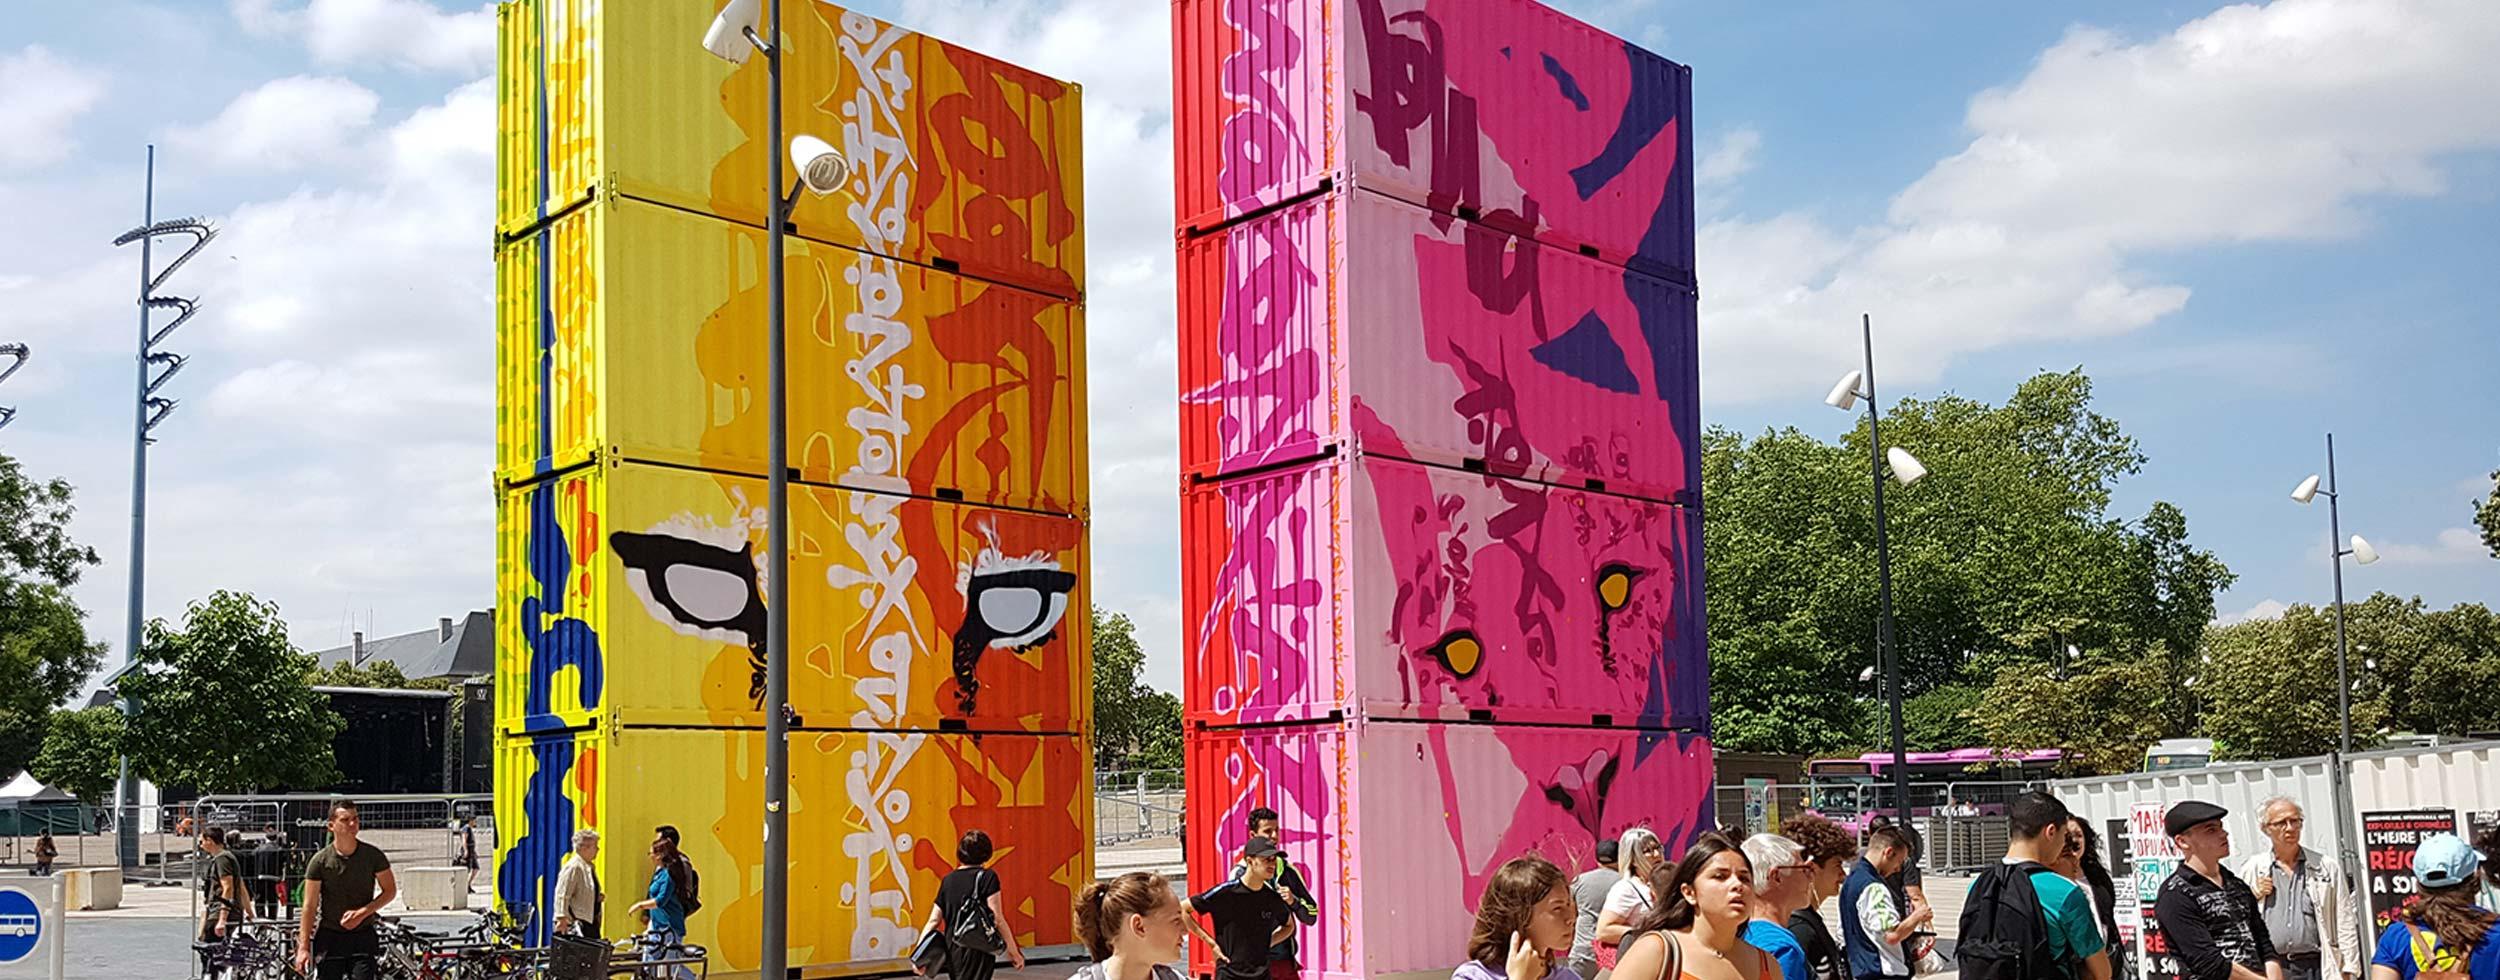 Conteneur événementiel | Street Art | Oeuvre de MARKO 93 à Metz